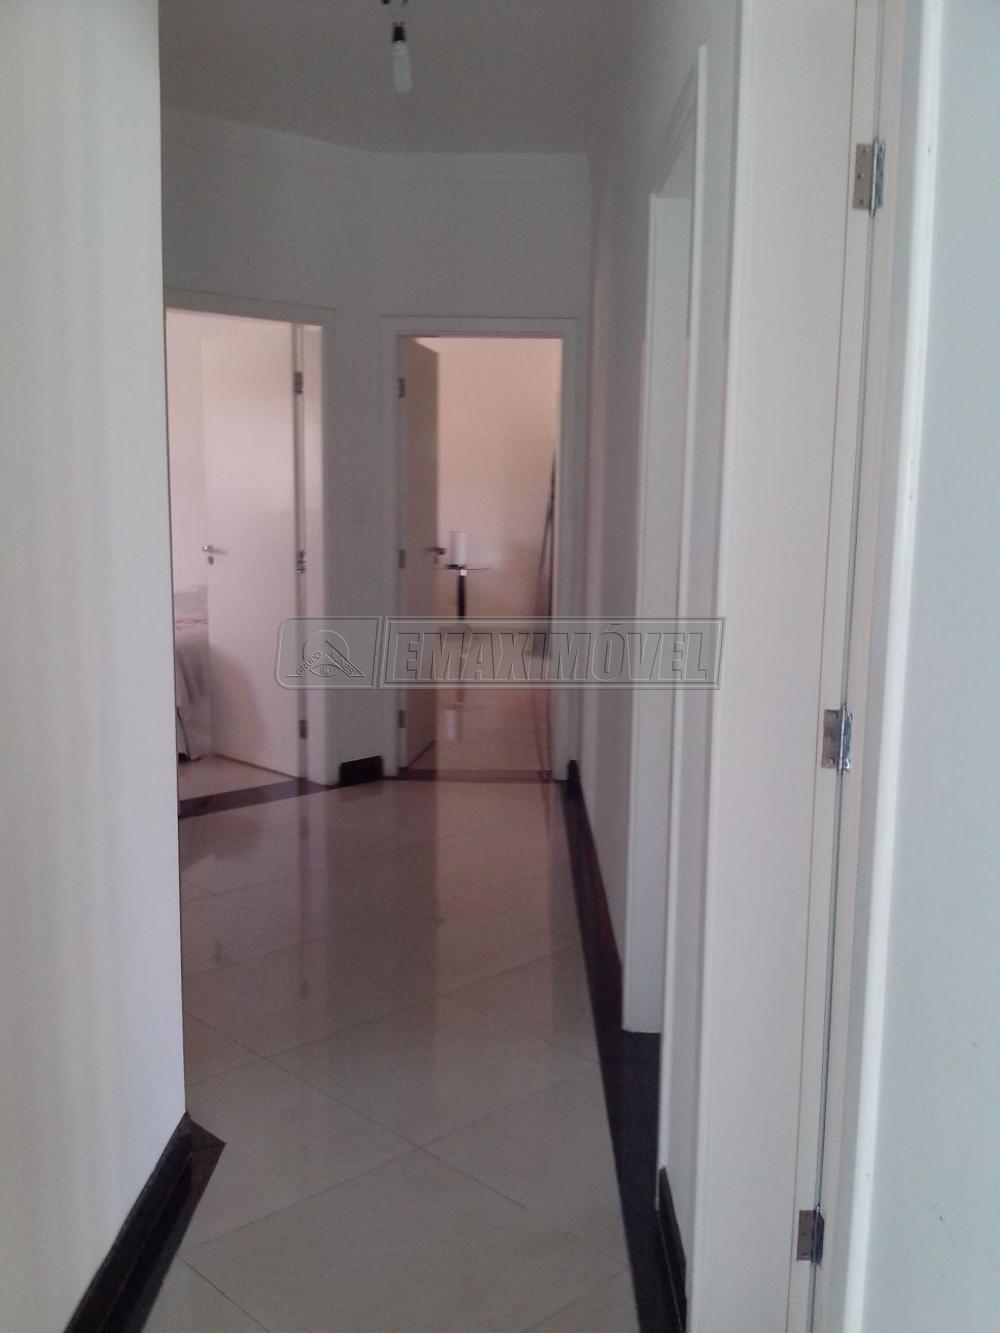 Comprar Casas / em Condomínios em Itu R$ 1.860.000,00 - Foto 8